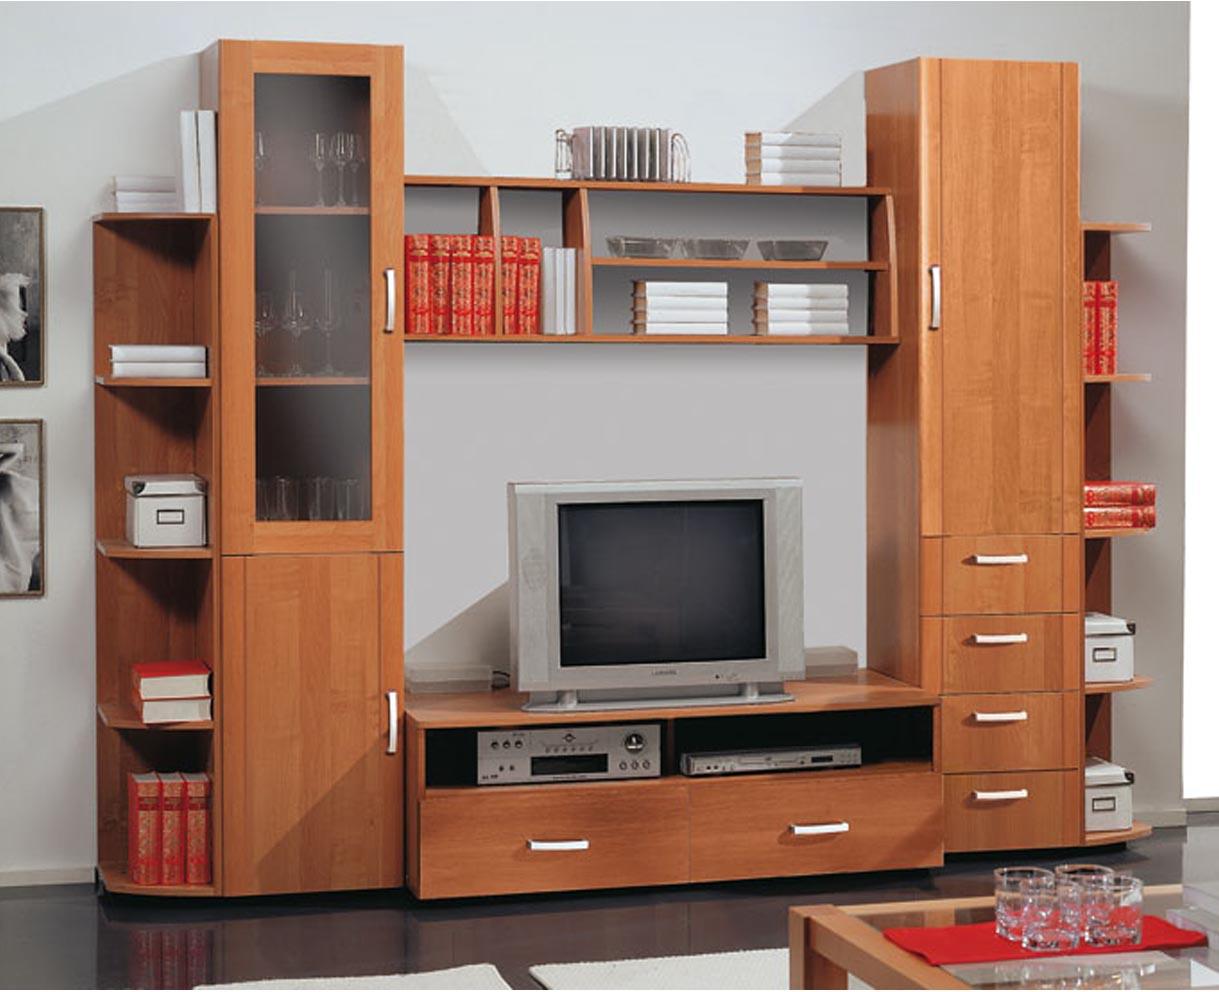 Эдем мебель - интернет магазин мебели. купить шкаф купе. сте.